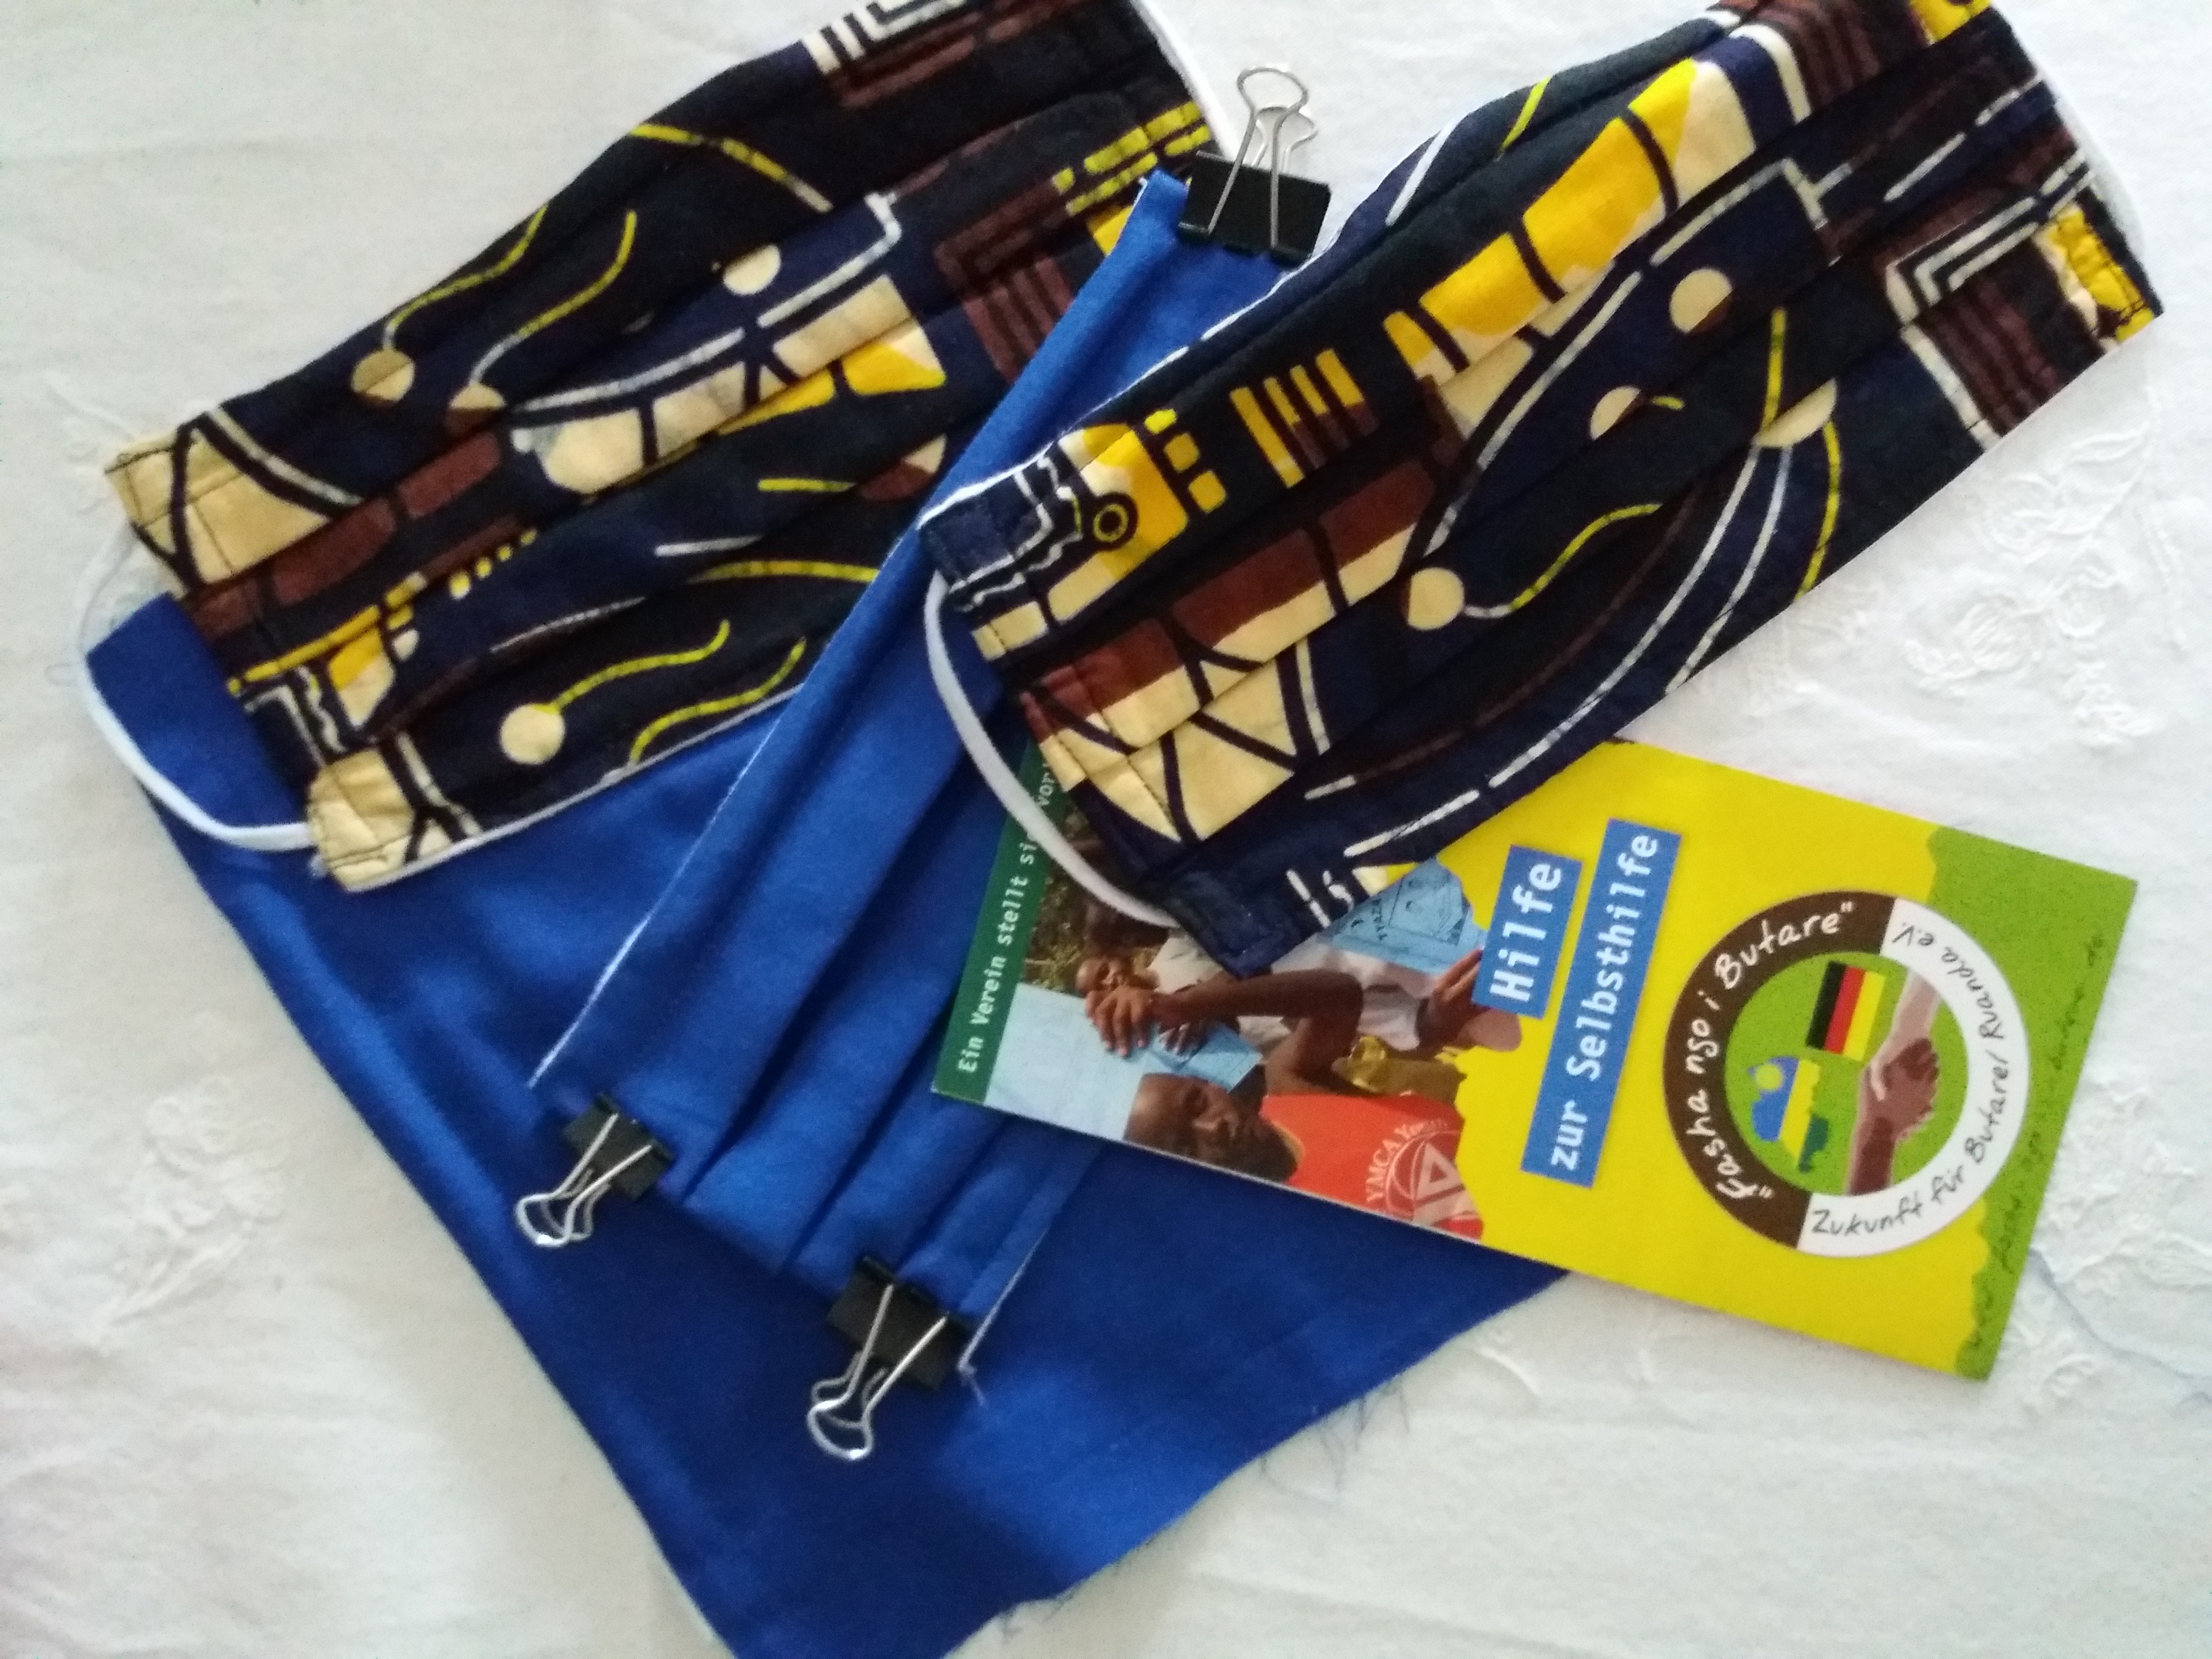 Die Alltagsmasken zugunsten bedürftiger Familien in Ruanda werden aus afrikanischen Stoffen hergestellt. Foto: Ulrike Zuda-Tietjen